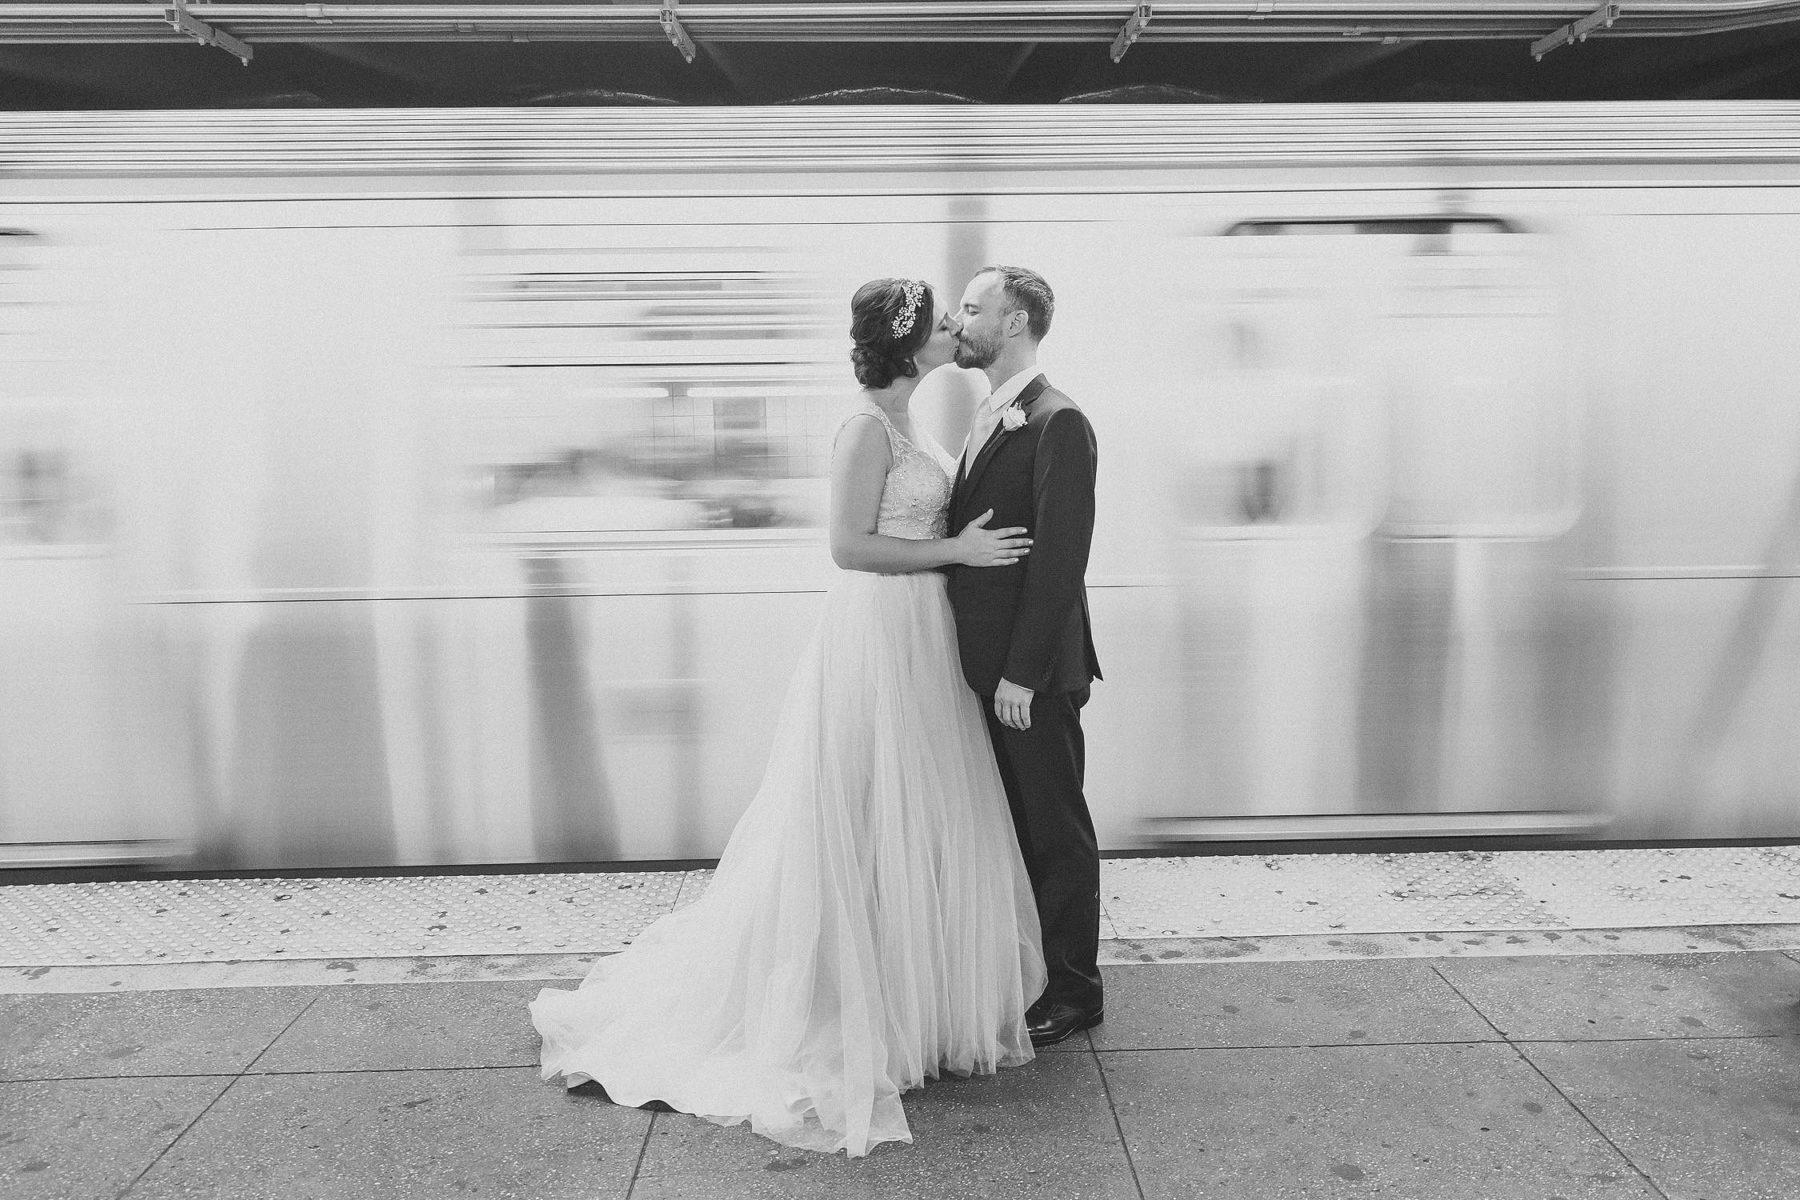 Brooklyn Subway Wedding Pictures - Rad Brooklyn Wedding Photographers